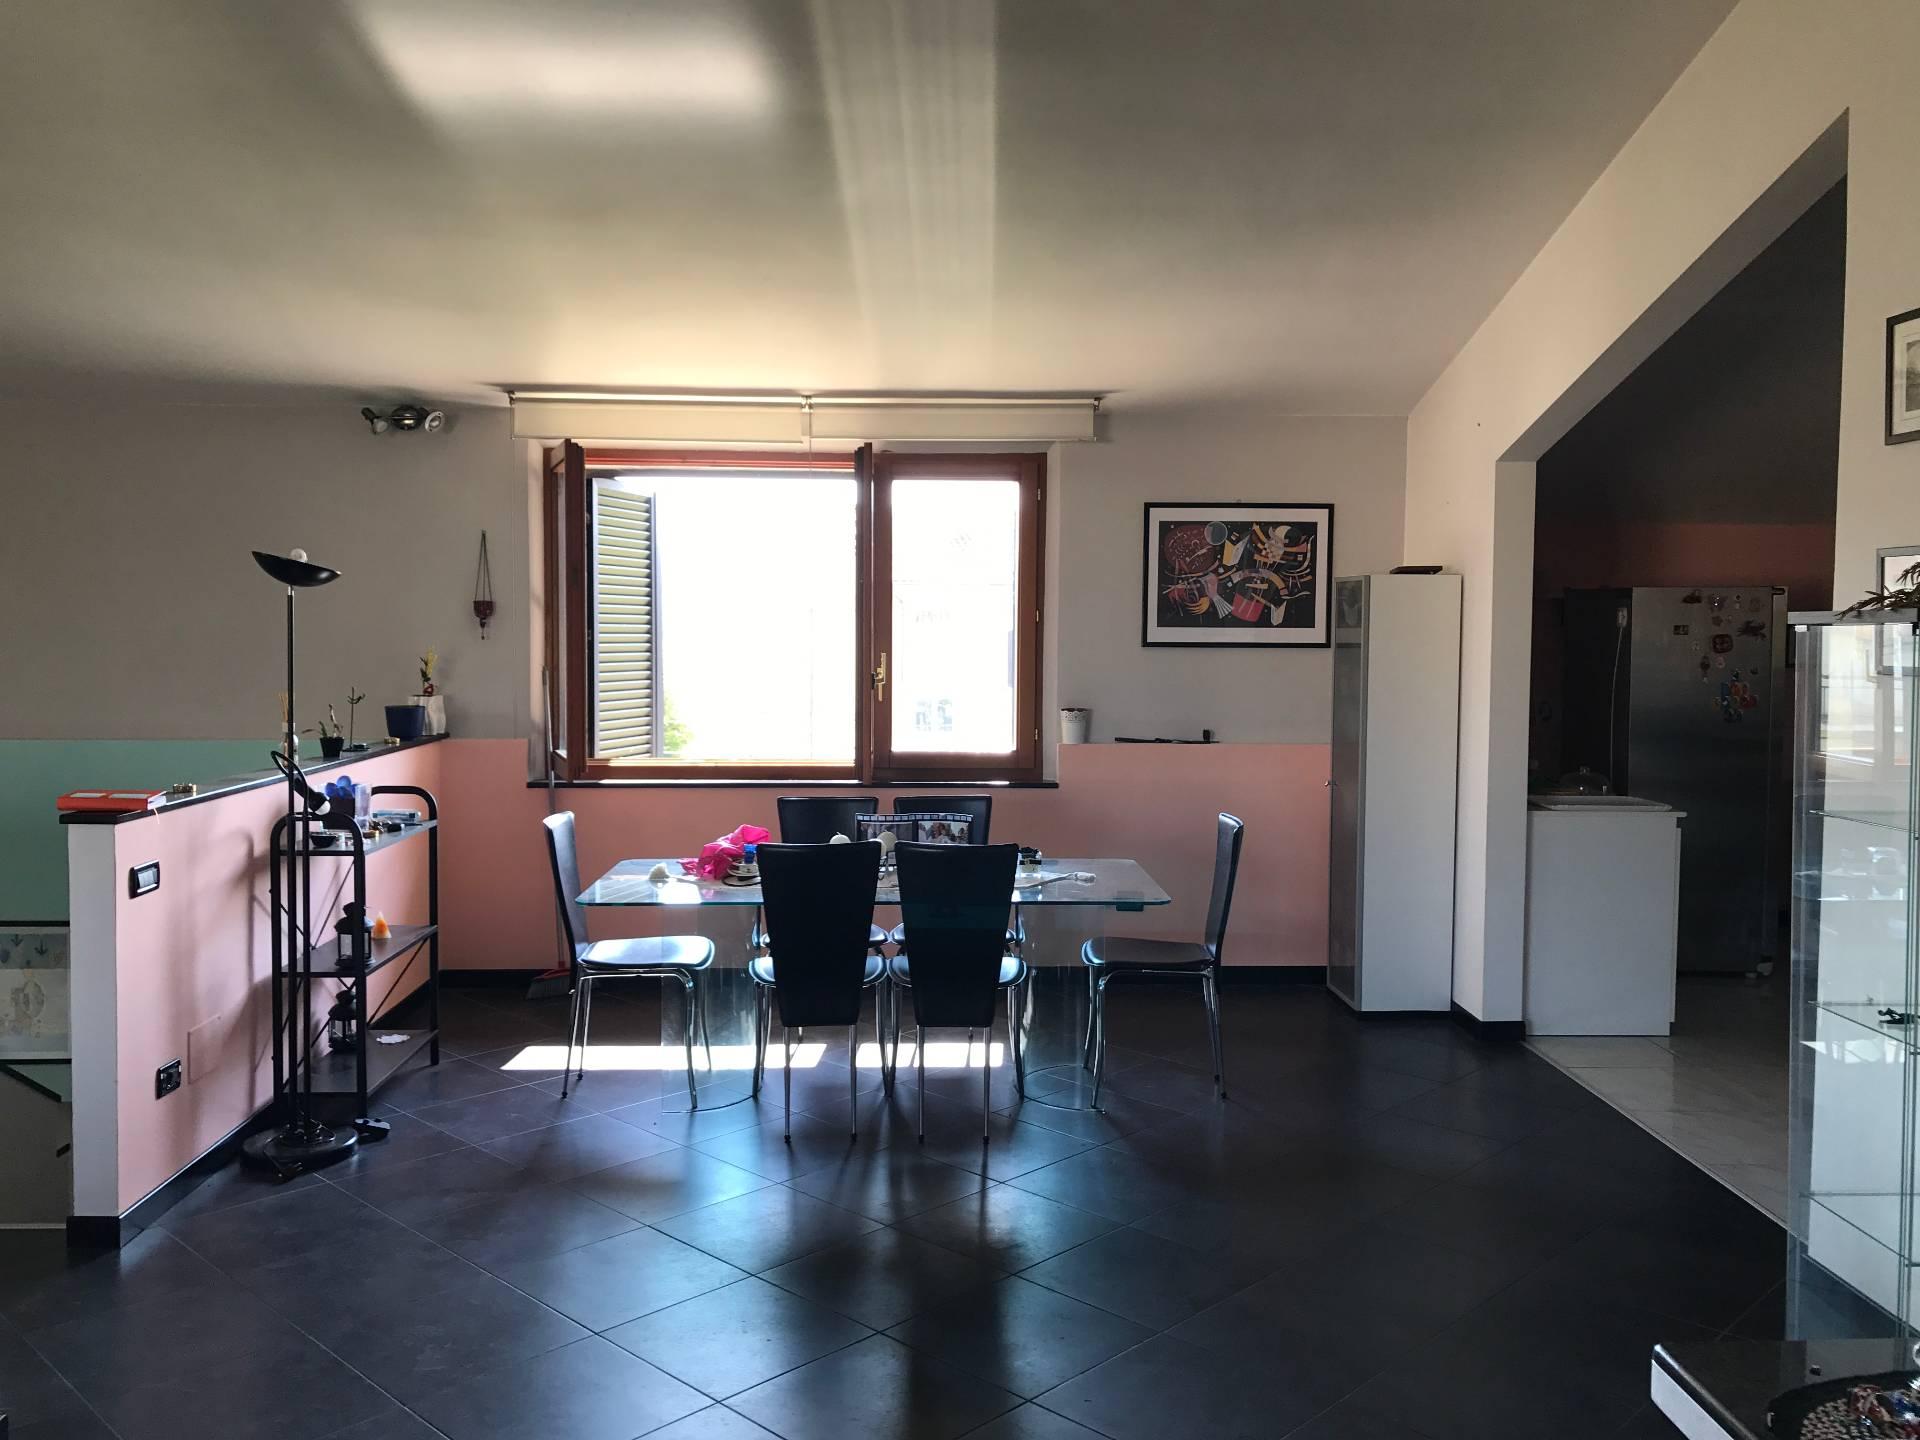 Attico / Mansarda in vendita a Fabriano, 9 locali, zona Località: SEMIPERIFERIA, prezzo € 170.000 | CambioCasa.it